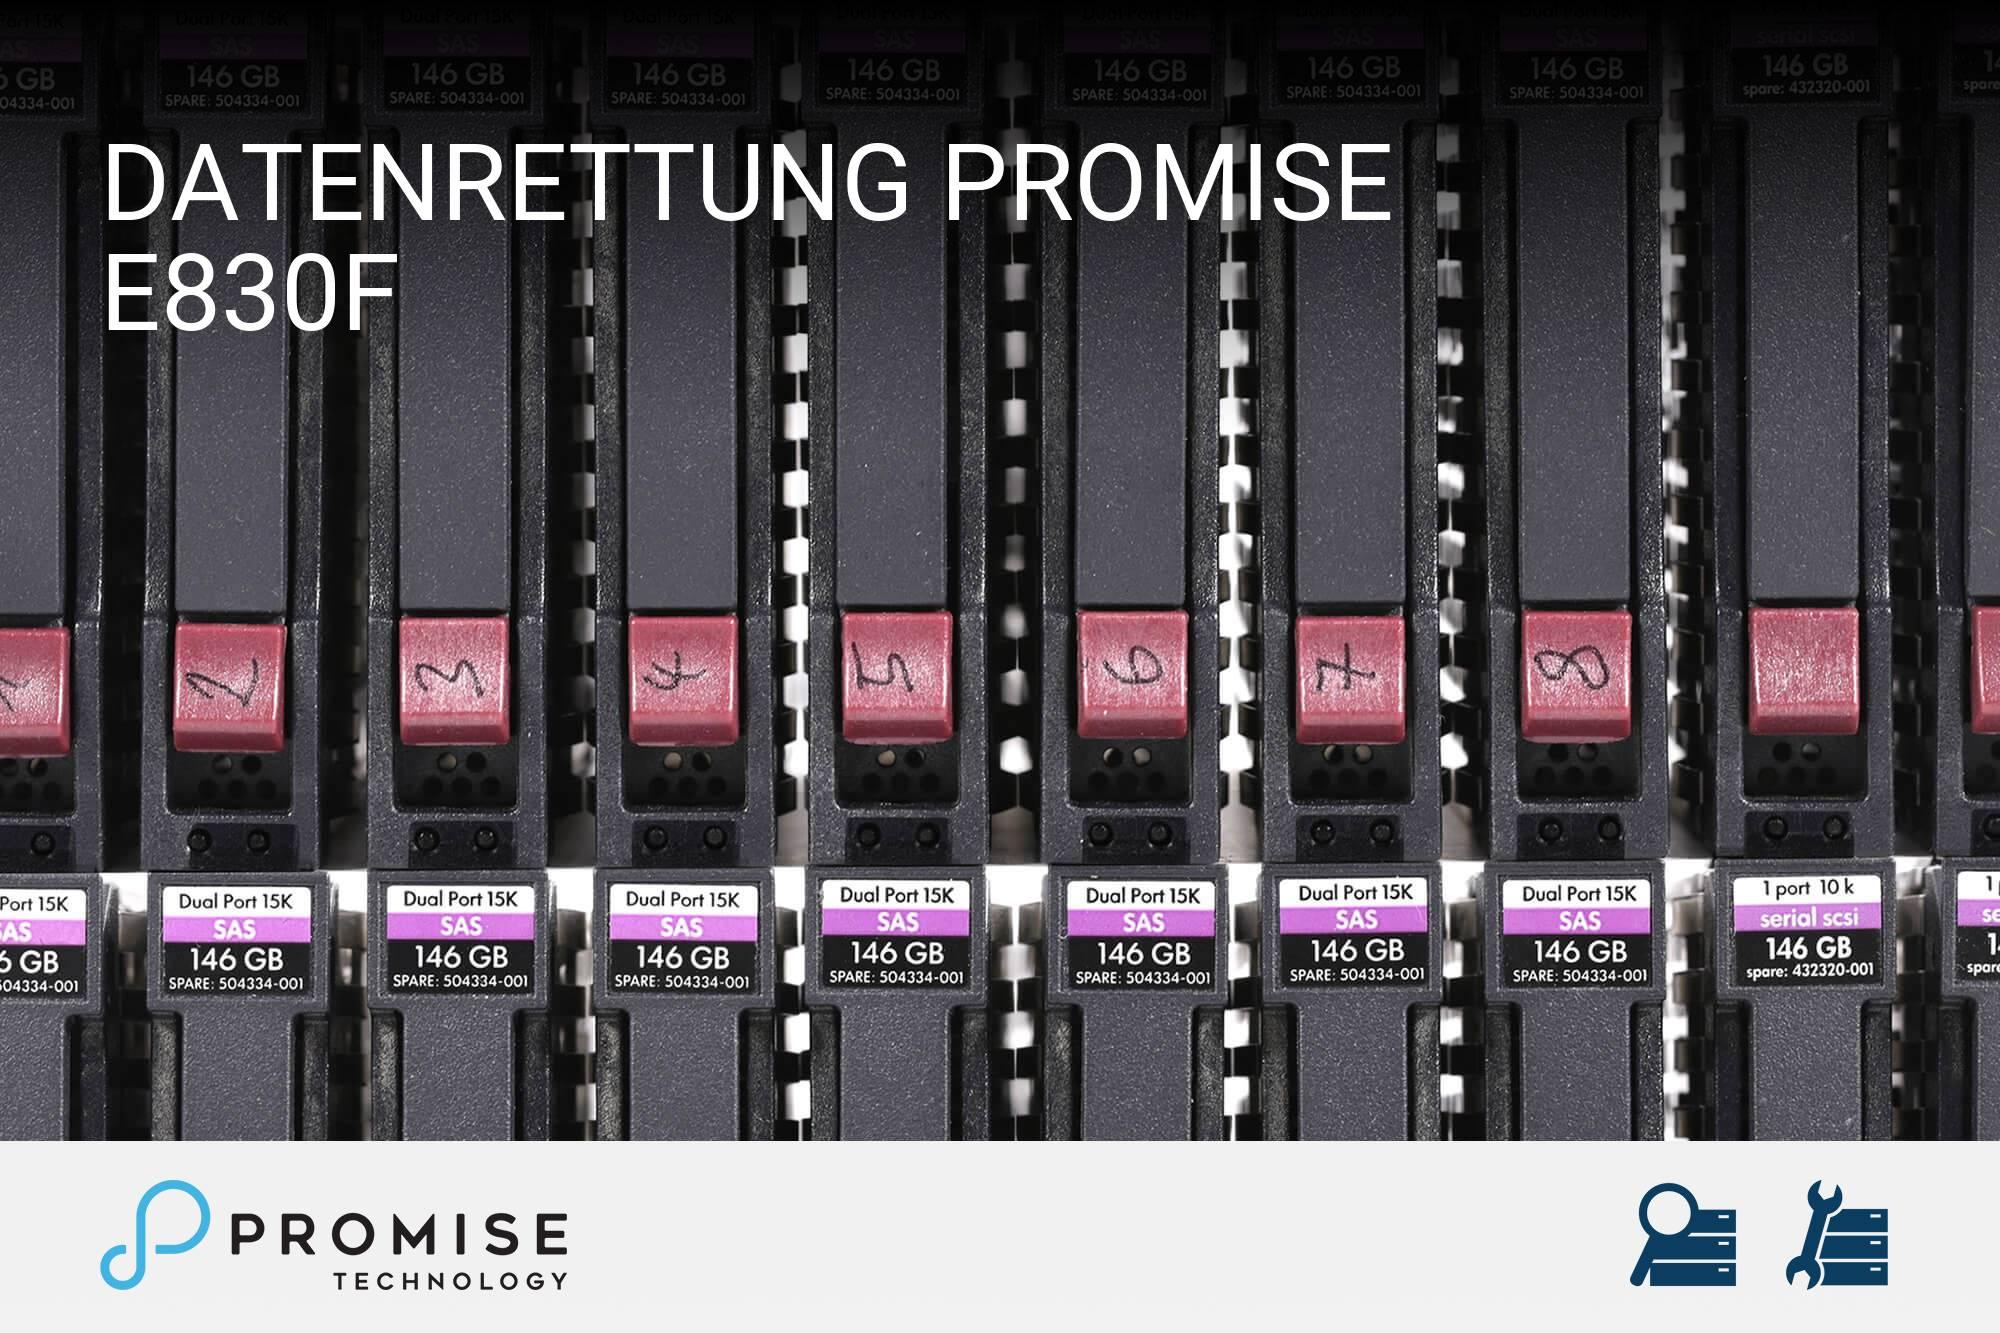 Promise E830f